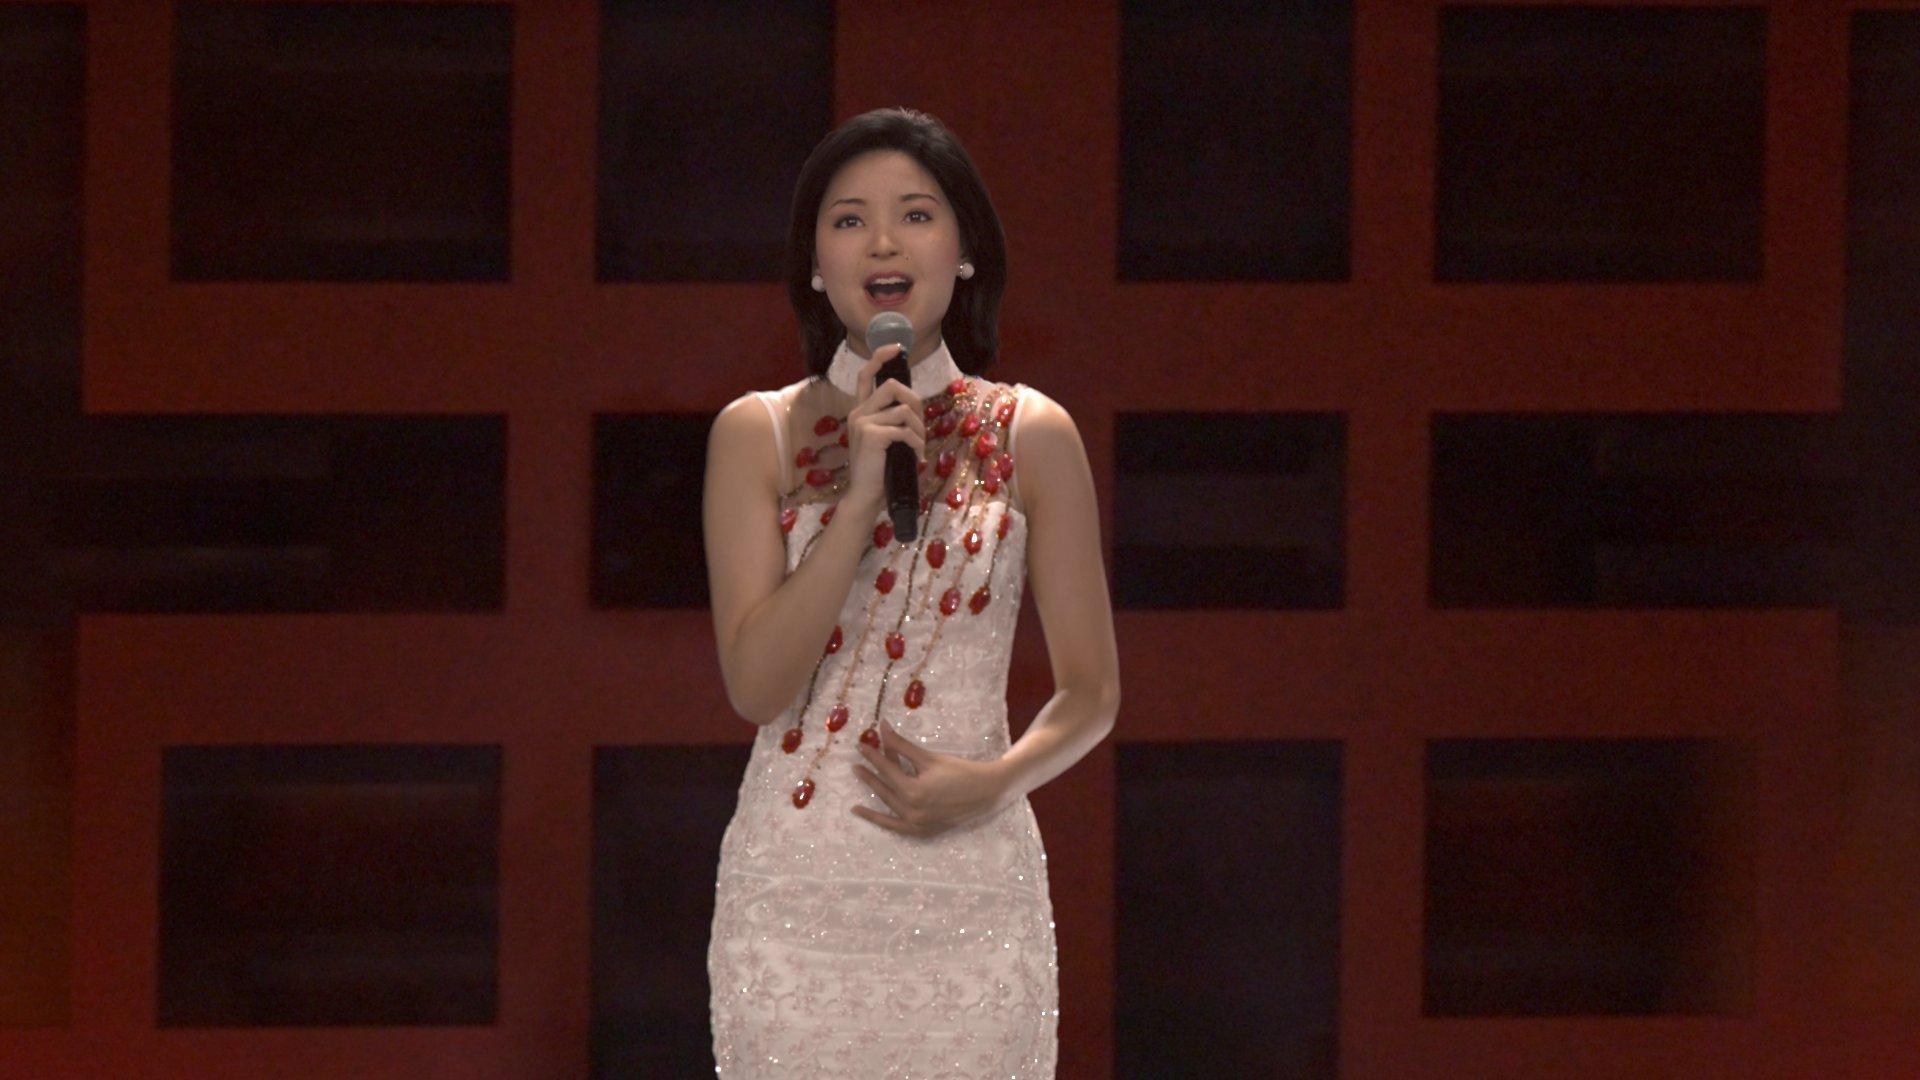 Digital Domain to create more holograms of Teresa Teng